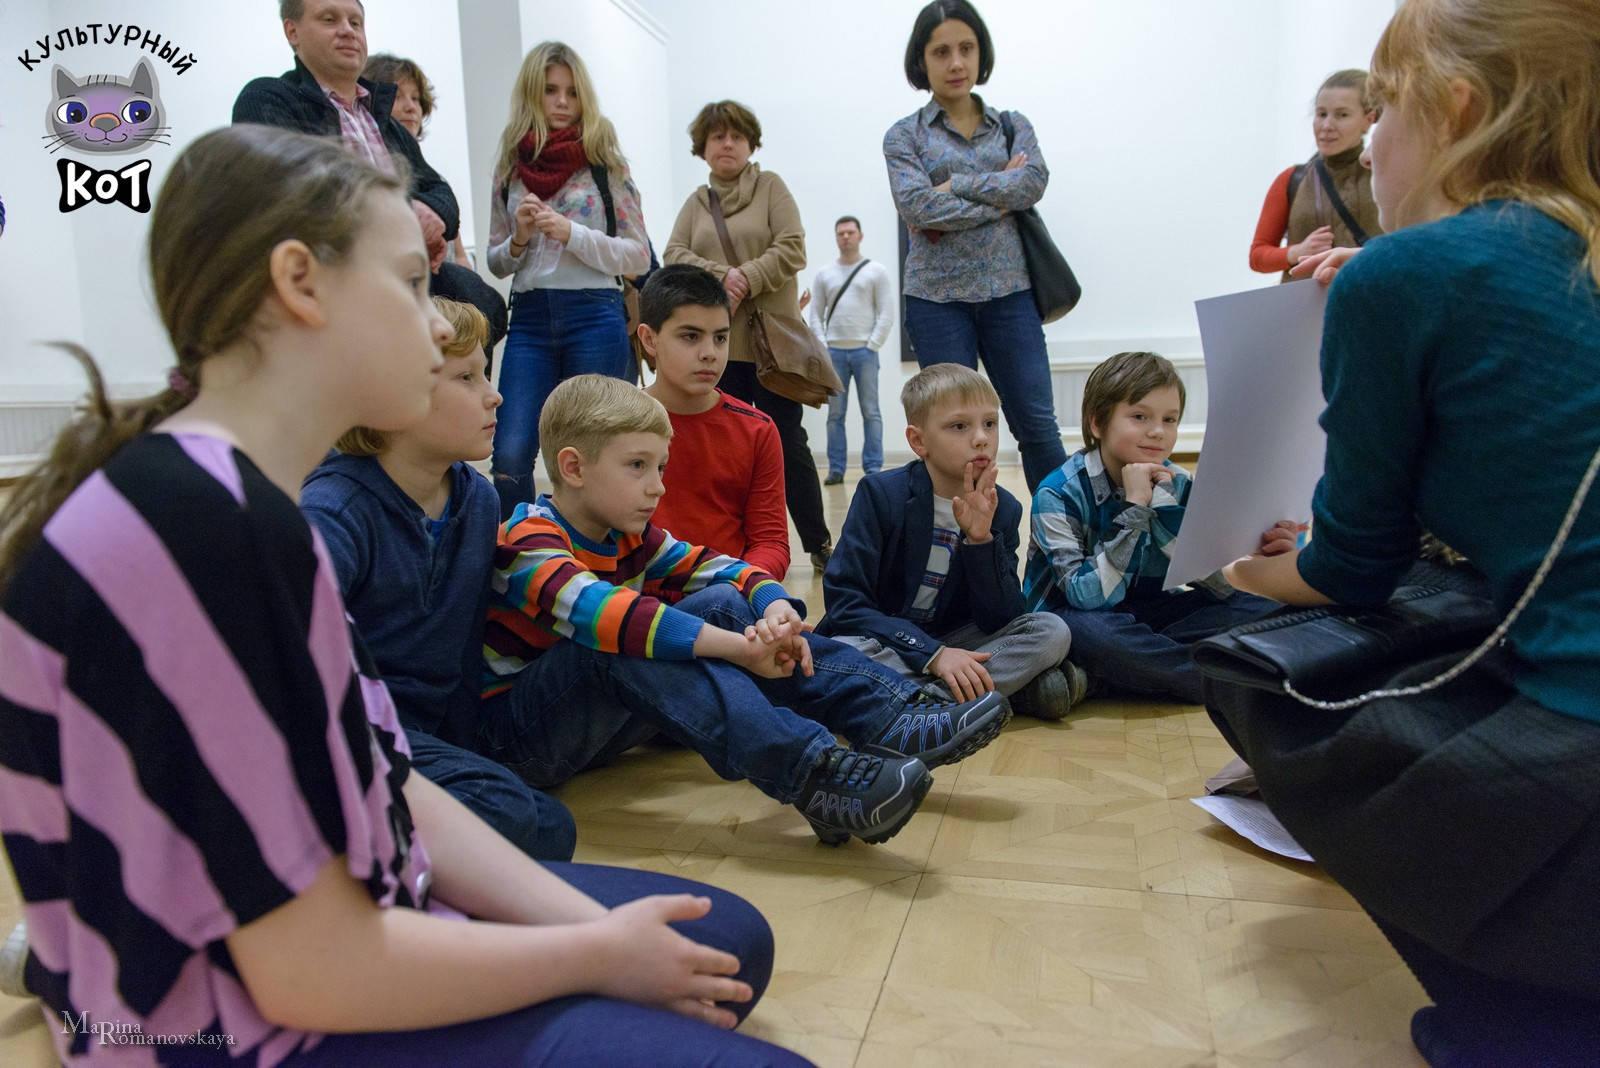 04_21.11.2015-МаринаРомановская-русский музей-КК